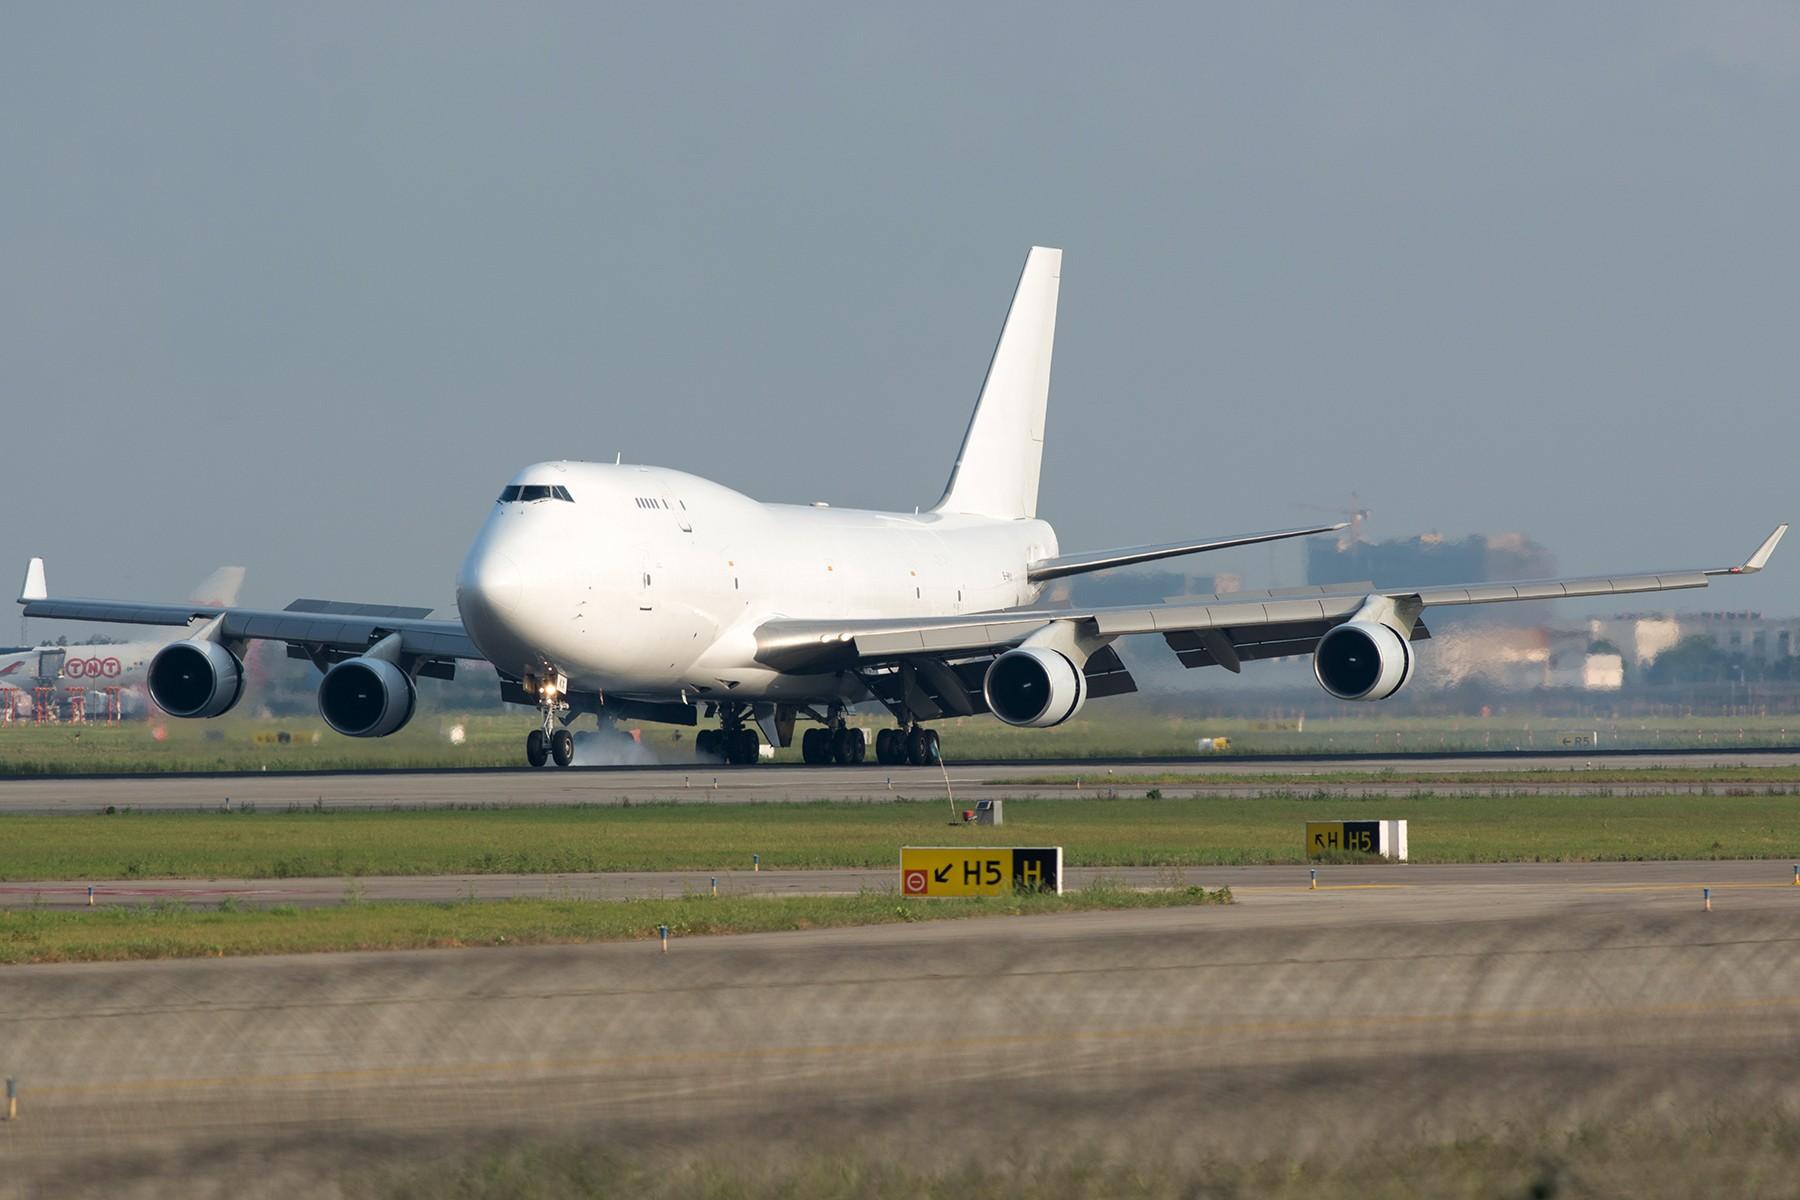 [原创]【PVG】大白斩鸡一组 BOEING 747-400 B-HKX 中国上海浦东国际机场